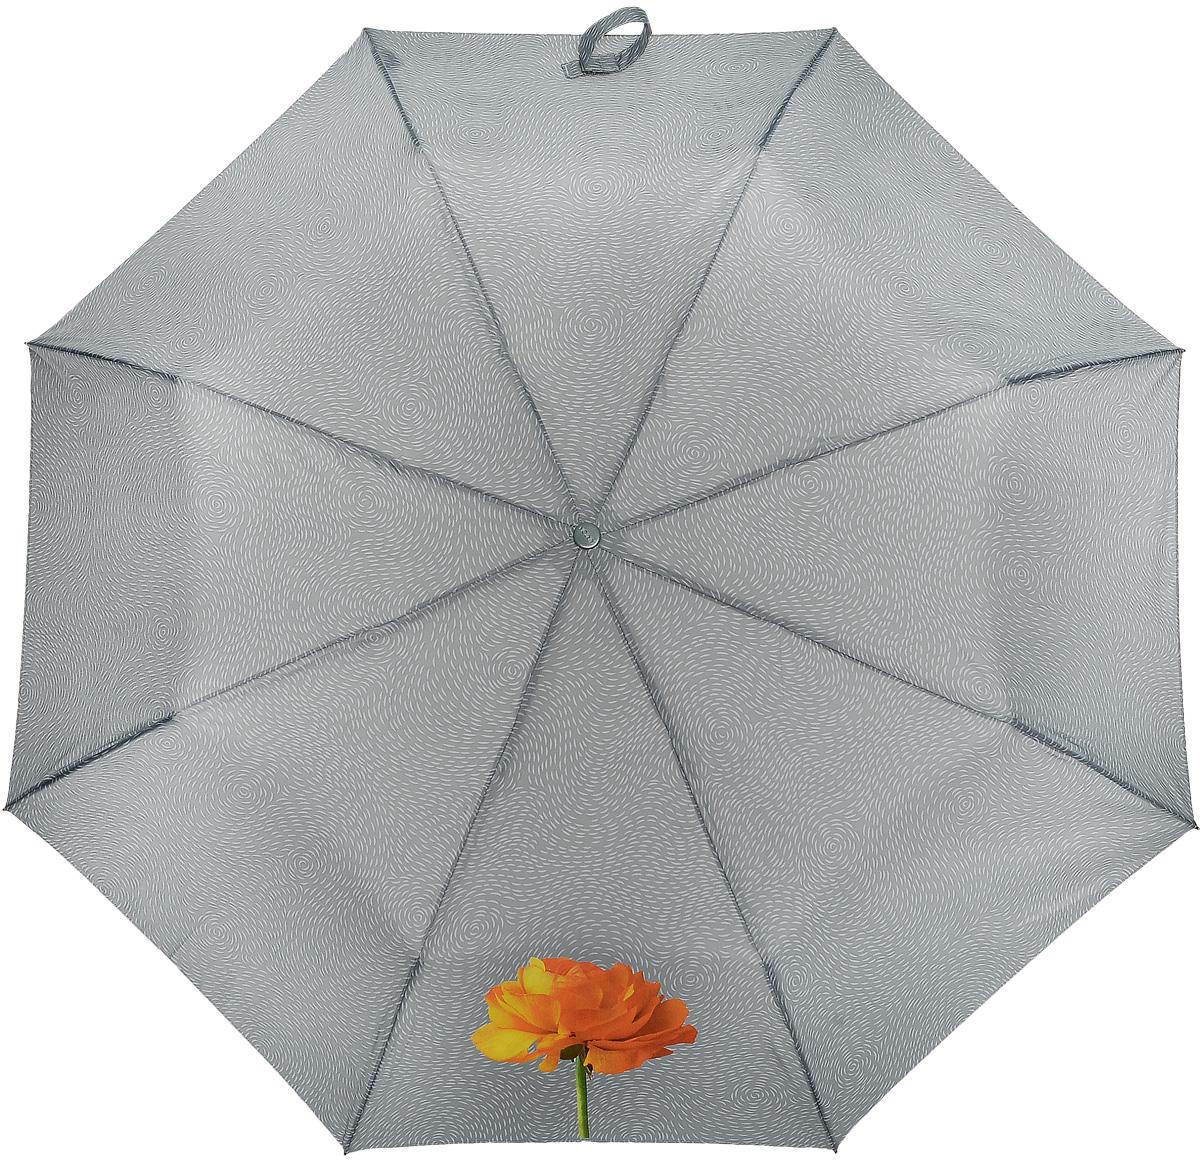 Зонт женский Airton, механический, 3 сложения, цвет: серый, оранжевый. 3511-183Серьги с подвескамиКлассический женский зонт Airton в 3 сложения имеет механическую систему открытия и закрытия.Каркас зонта выполнен из восьми спиц на прочном стержне. Купол зонта изготовлен из прочного полиэстера. Практичная рукоятка закругленной формы разработана с учетом требований эргономики и выполнена из качественного пластика с противоскользящей обработкой.Такой зонт оснащен системой антиветер, которая позволяет спицам при порывах ветрах выгибаться наизнанку, и при этом не ломаться. К зонту прилагается чехол.